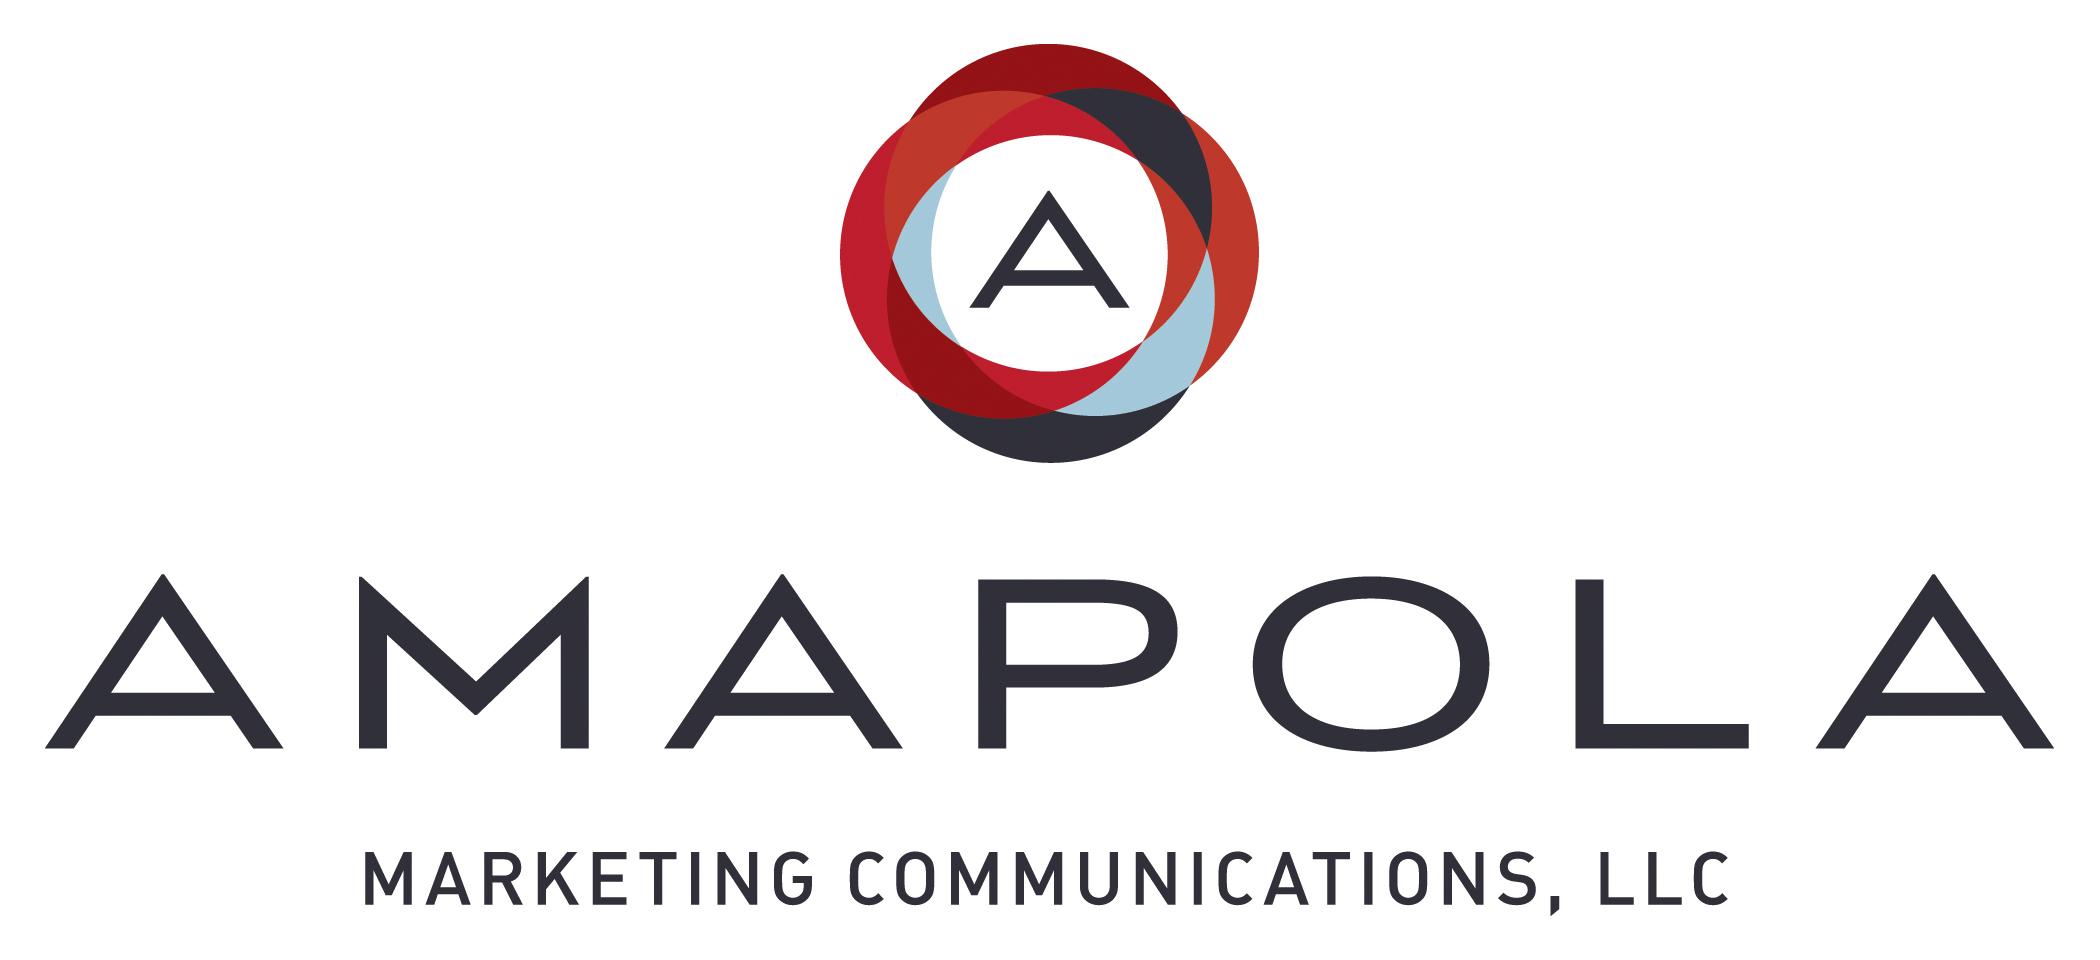 Amapola Marketing Communications, LLC